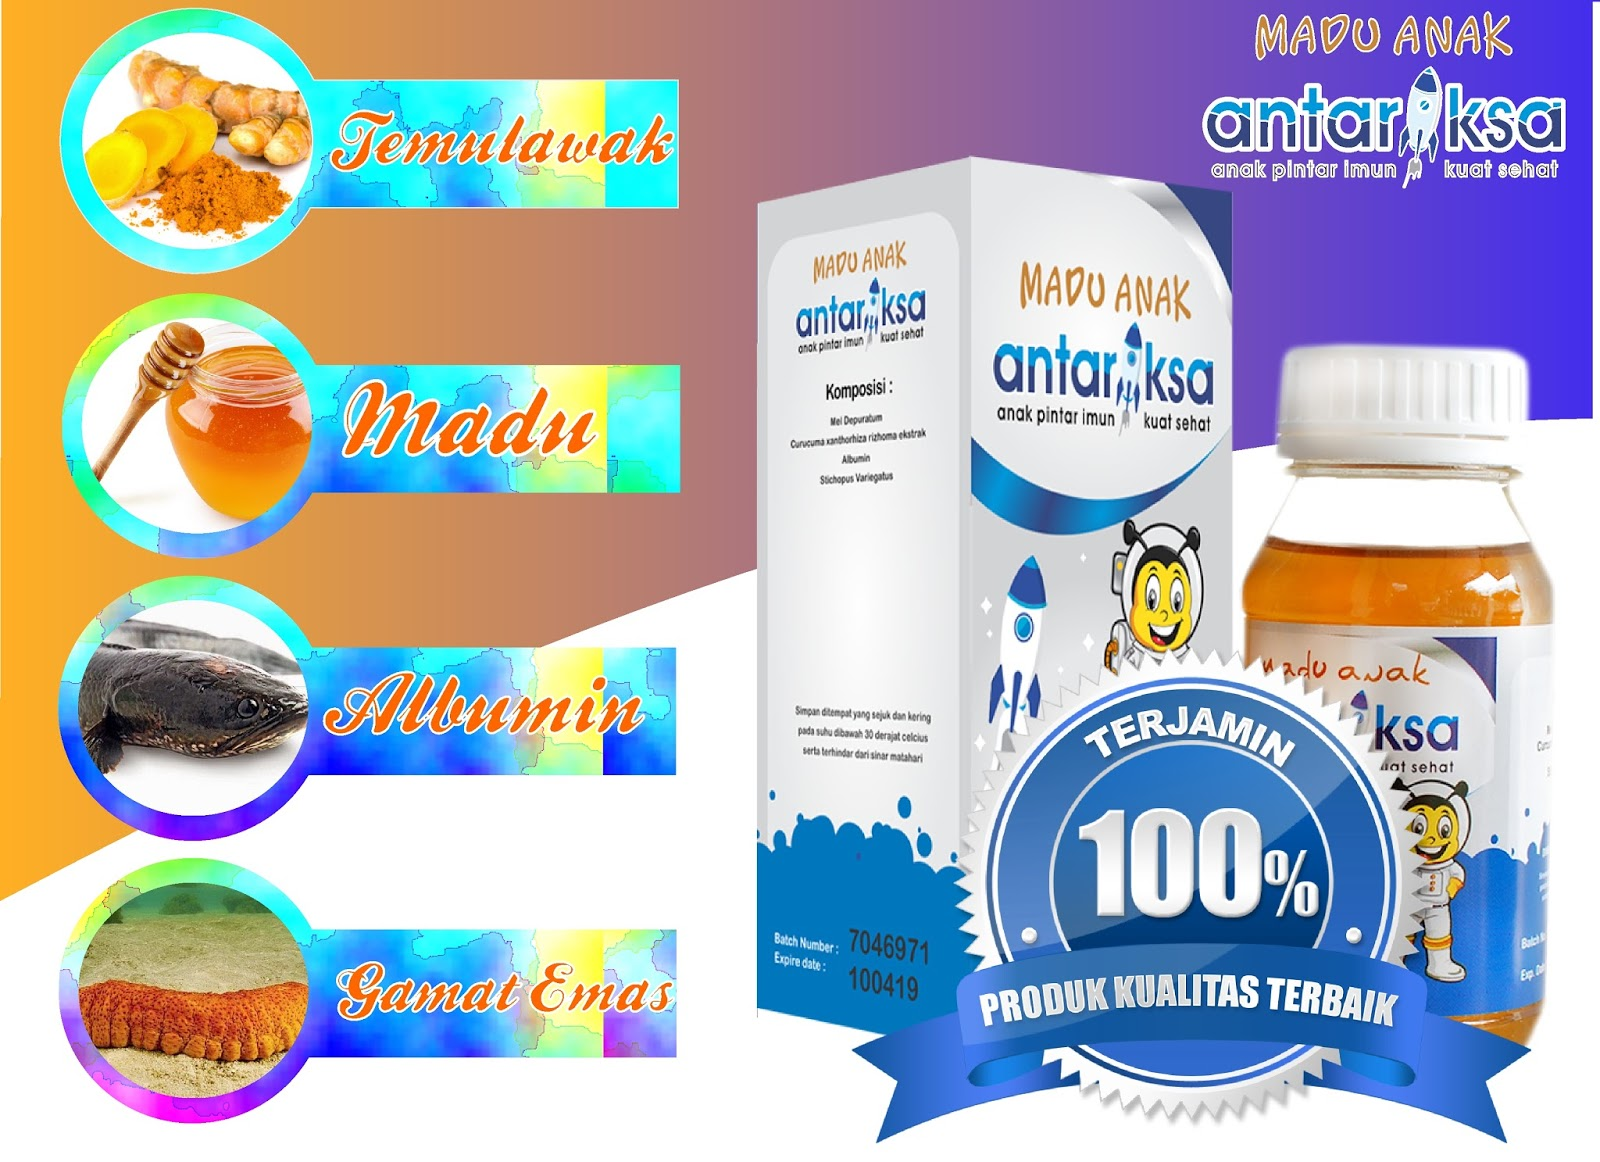 Vitamin Anak Madu Antariksa